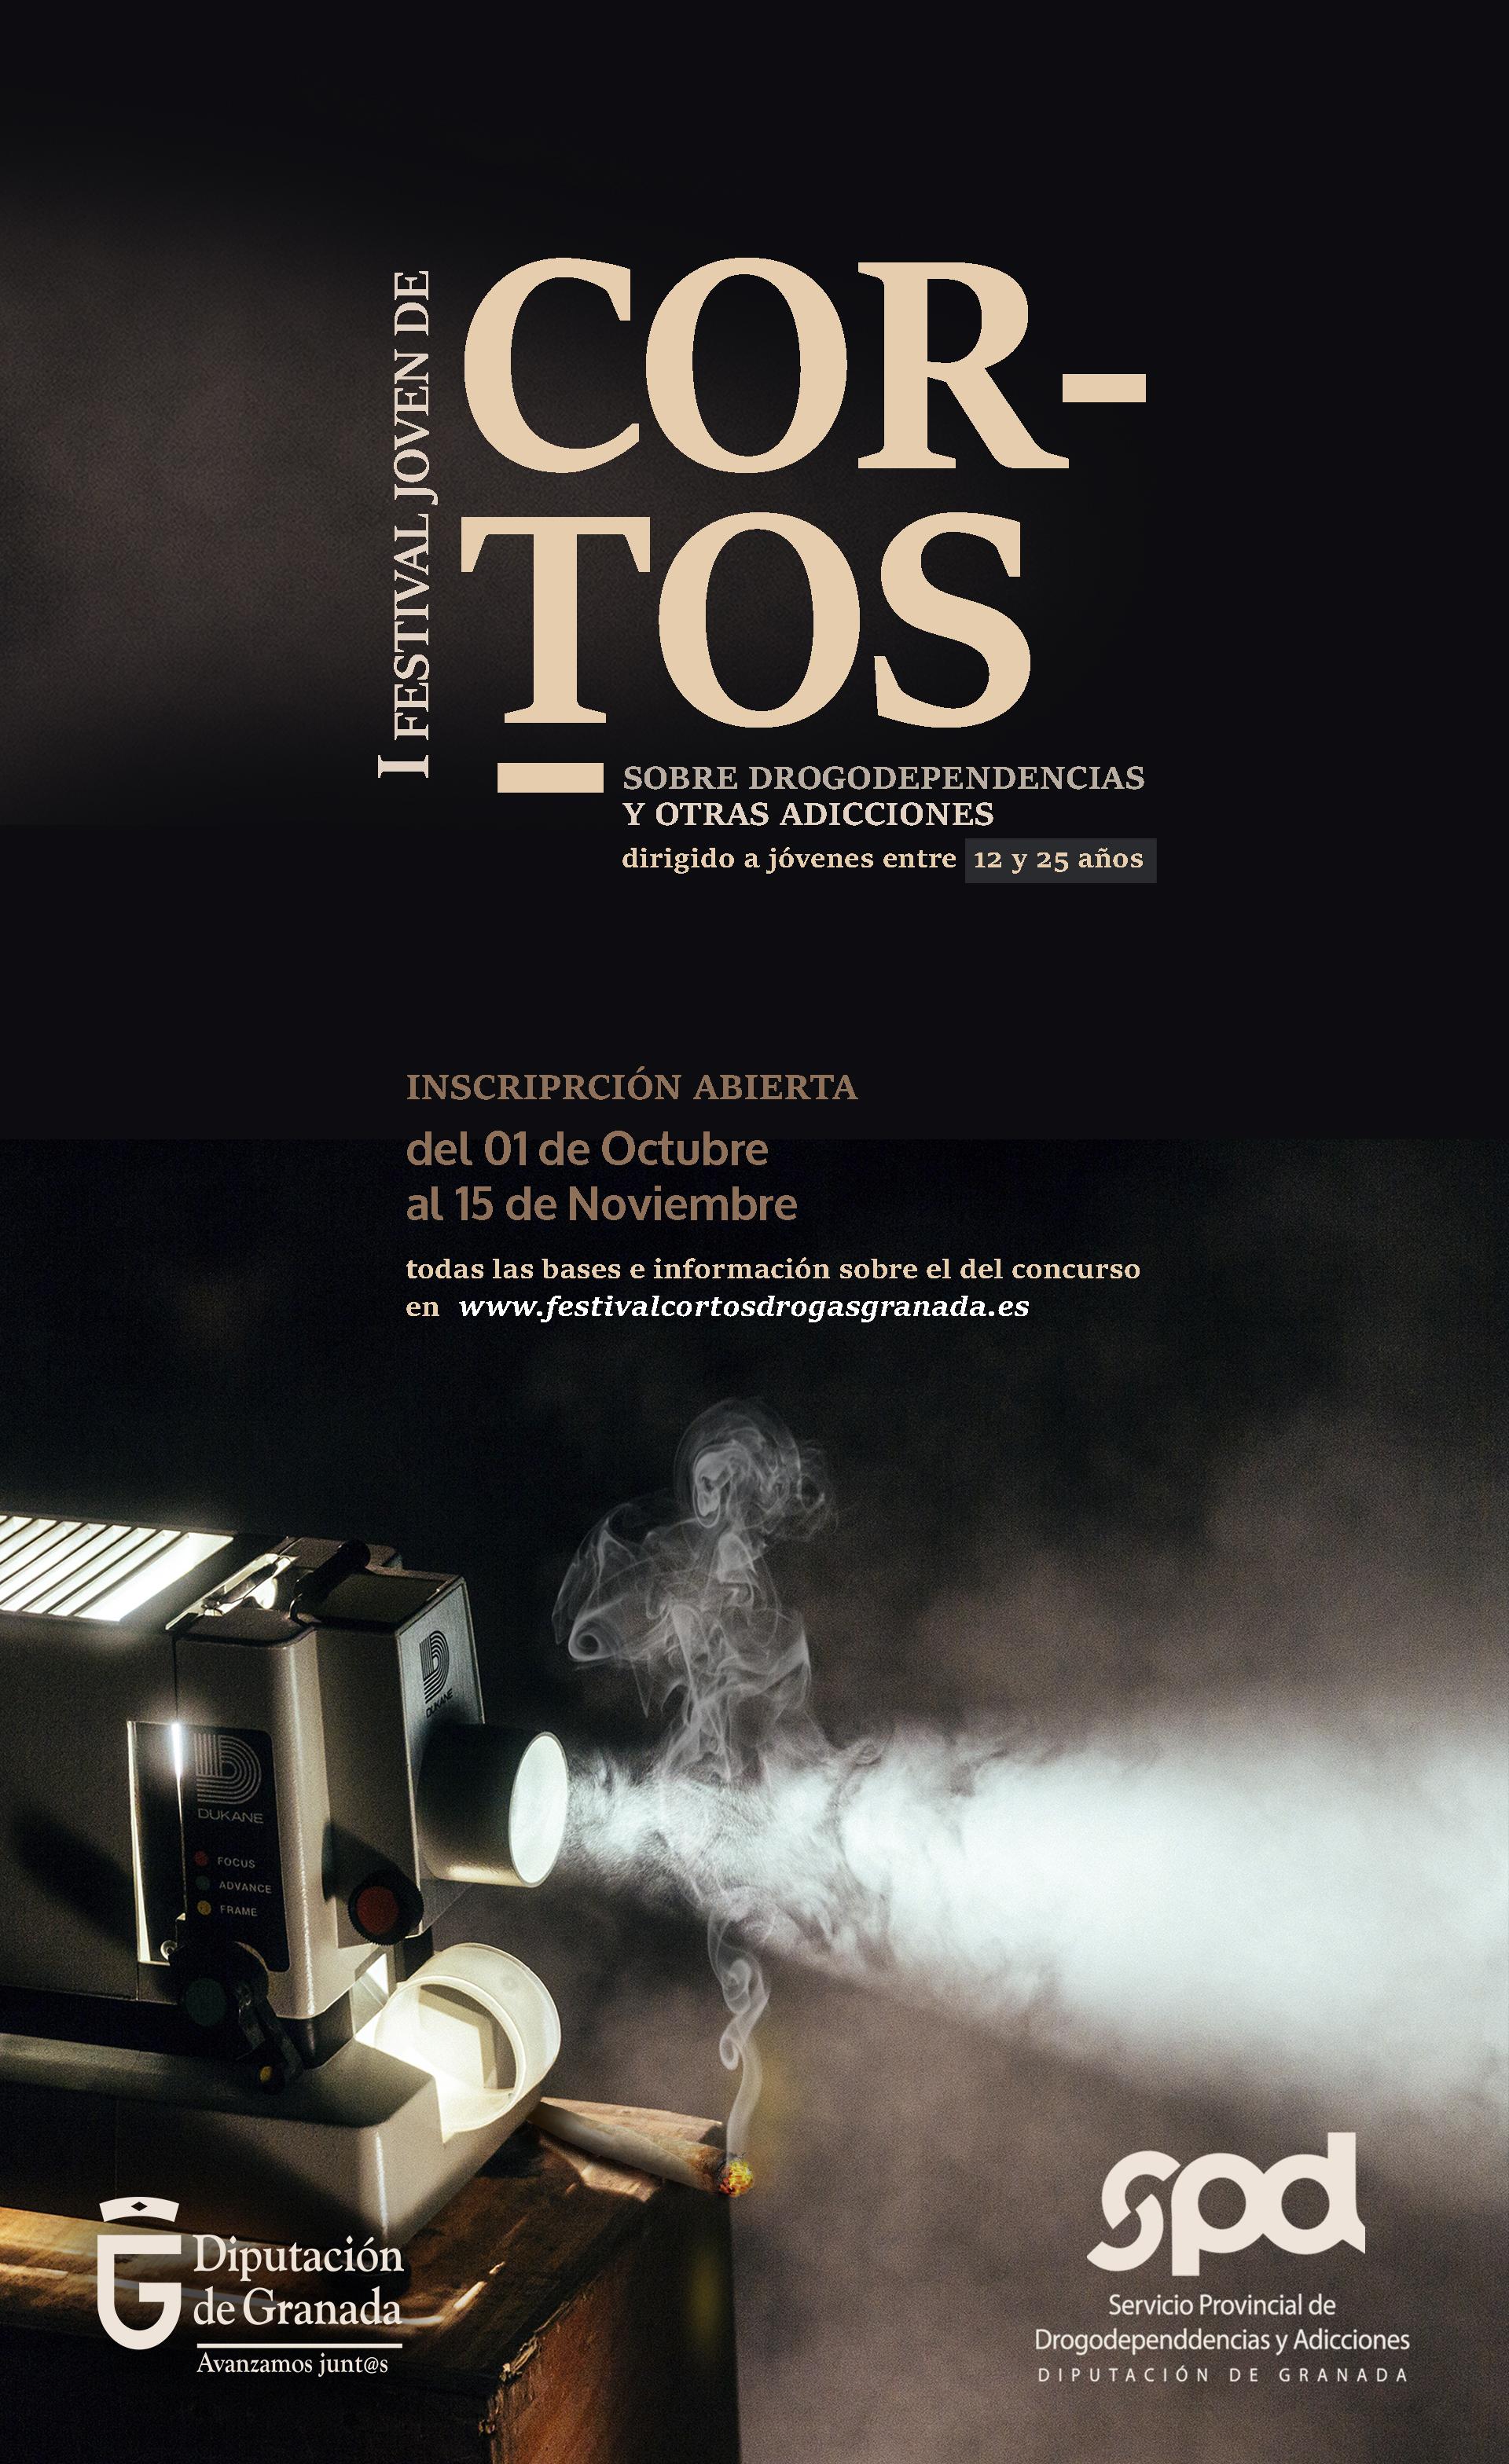 Diputación convoca un festival de cortos sobre drogas y adicciones dirigido a la población joven